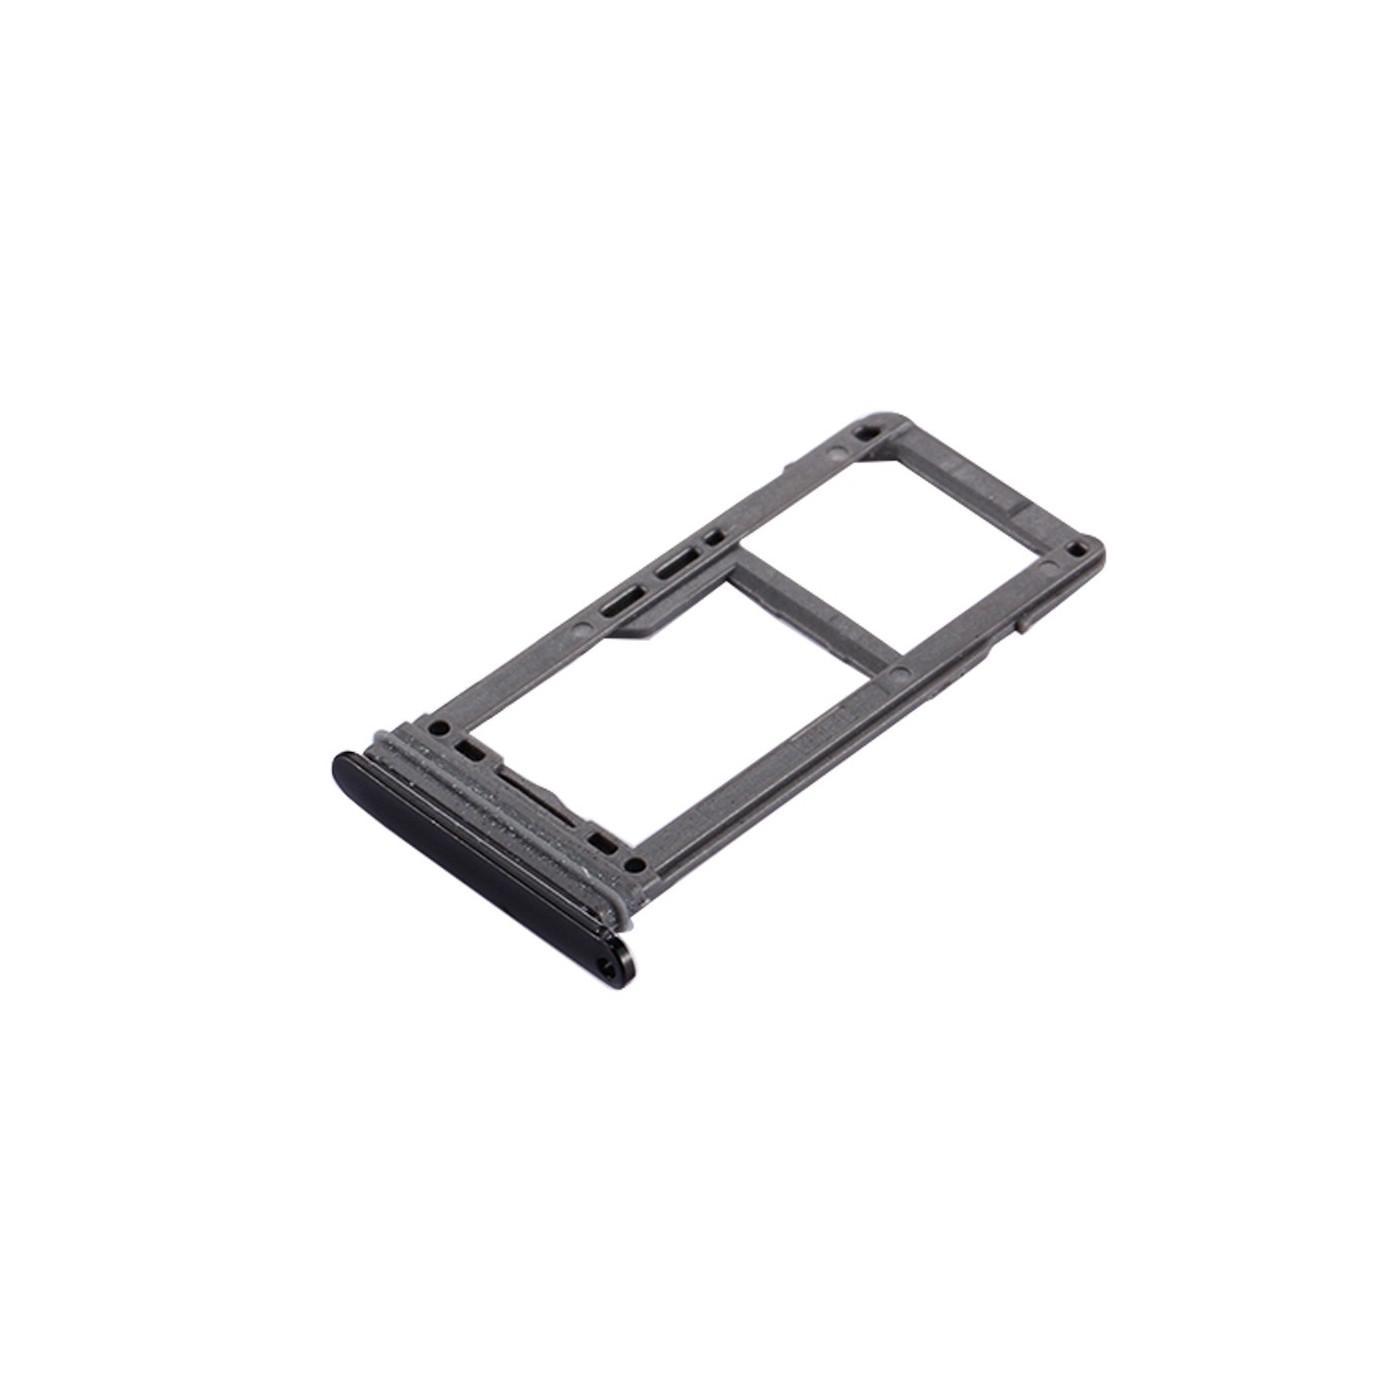 PORTE CARTE SIM Samsung Galaxy S8 SD CARTE SLIDE SLIDE TRALLEY